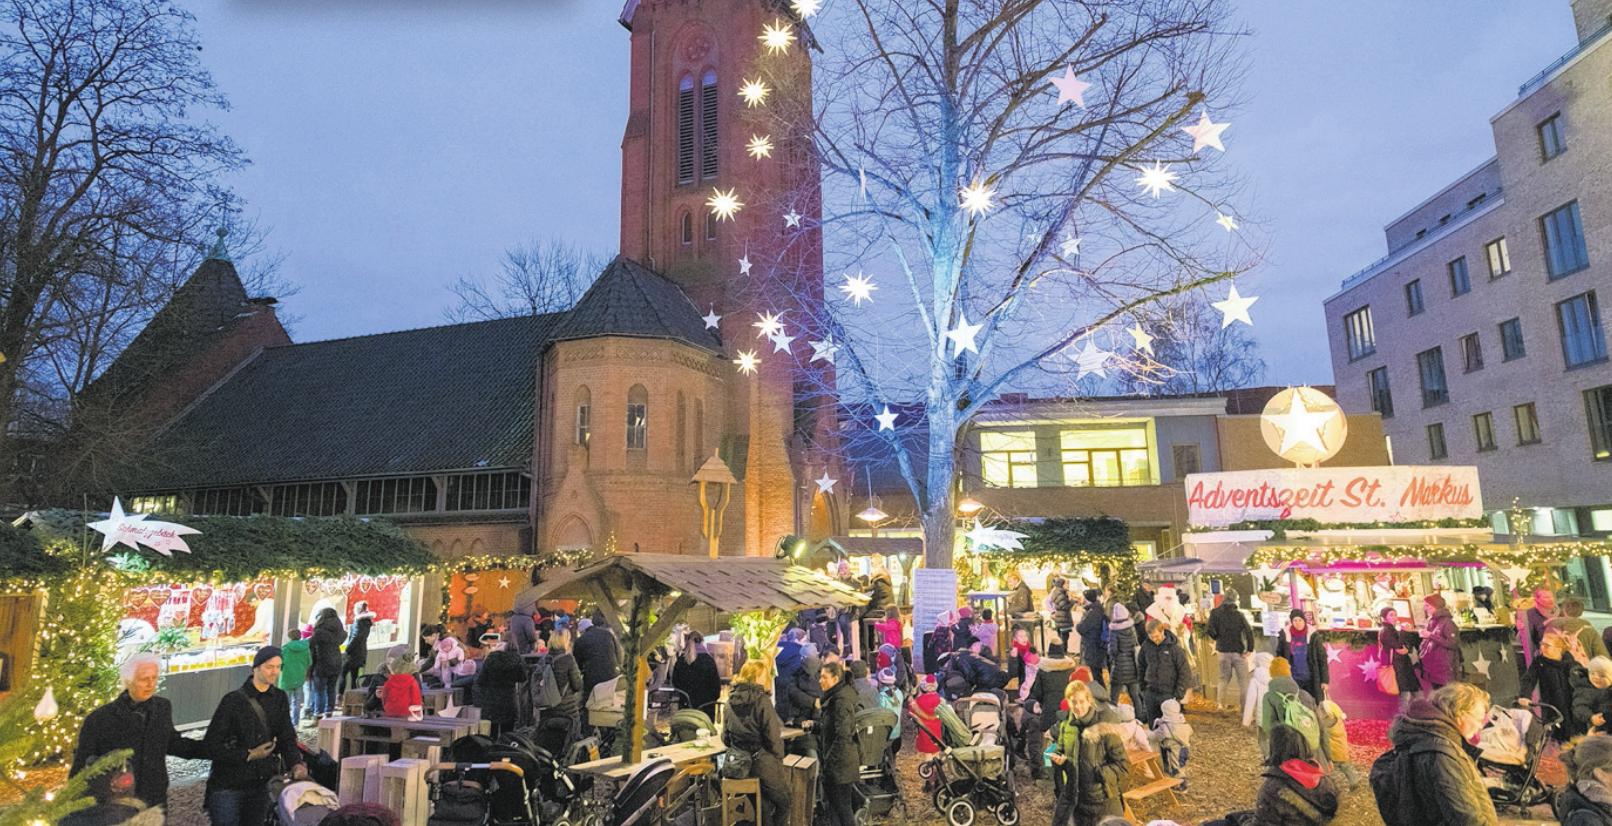 """Besonders stimmungsvoll: der Weihnachtsmarkt """"Adventszeit St. Markus"""" Fotos: bergmann-guppe.net"""